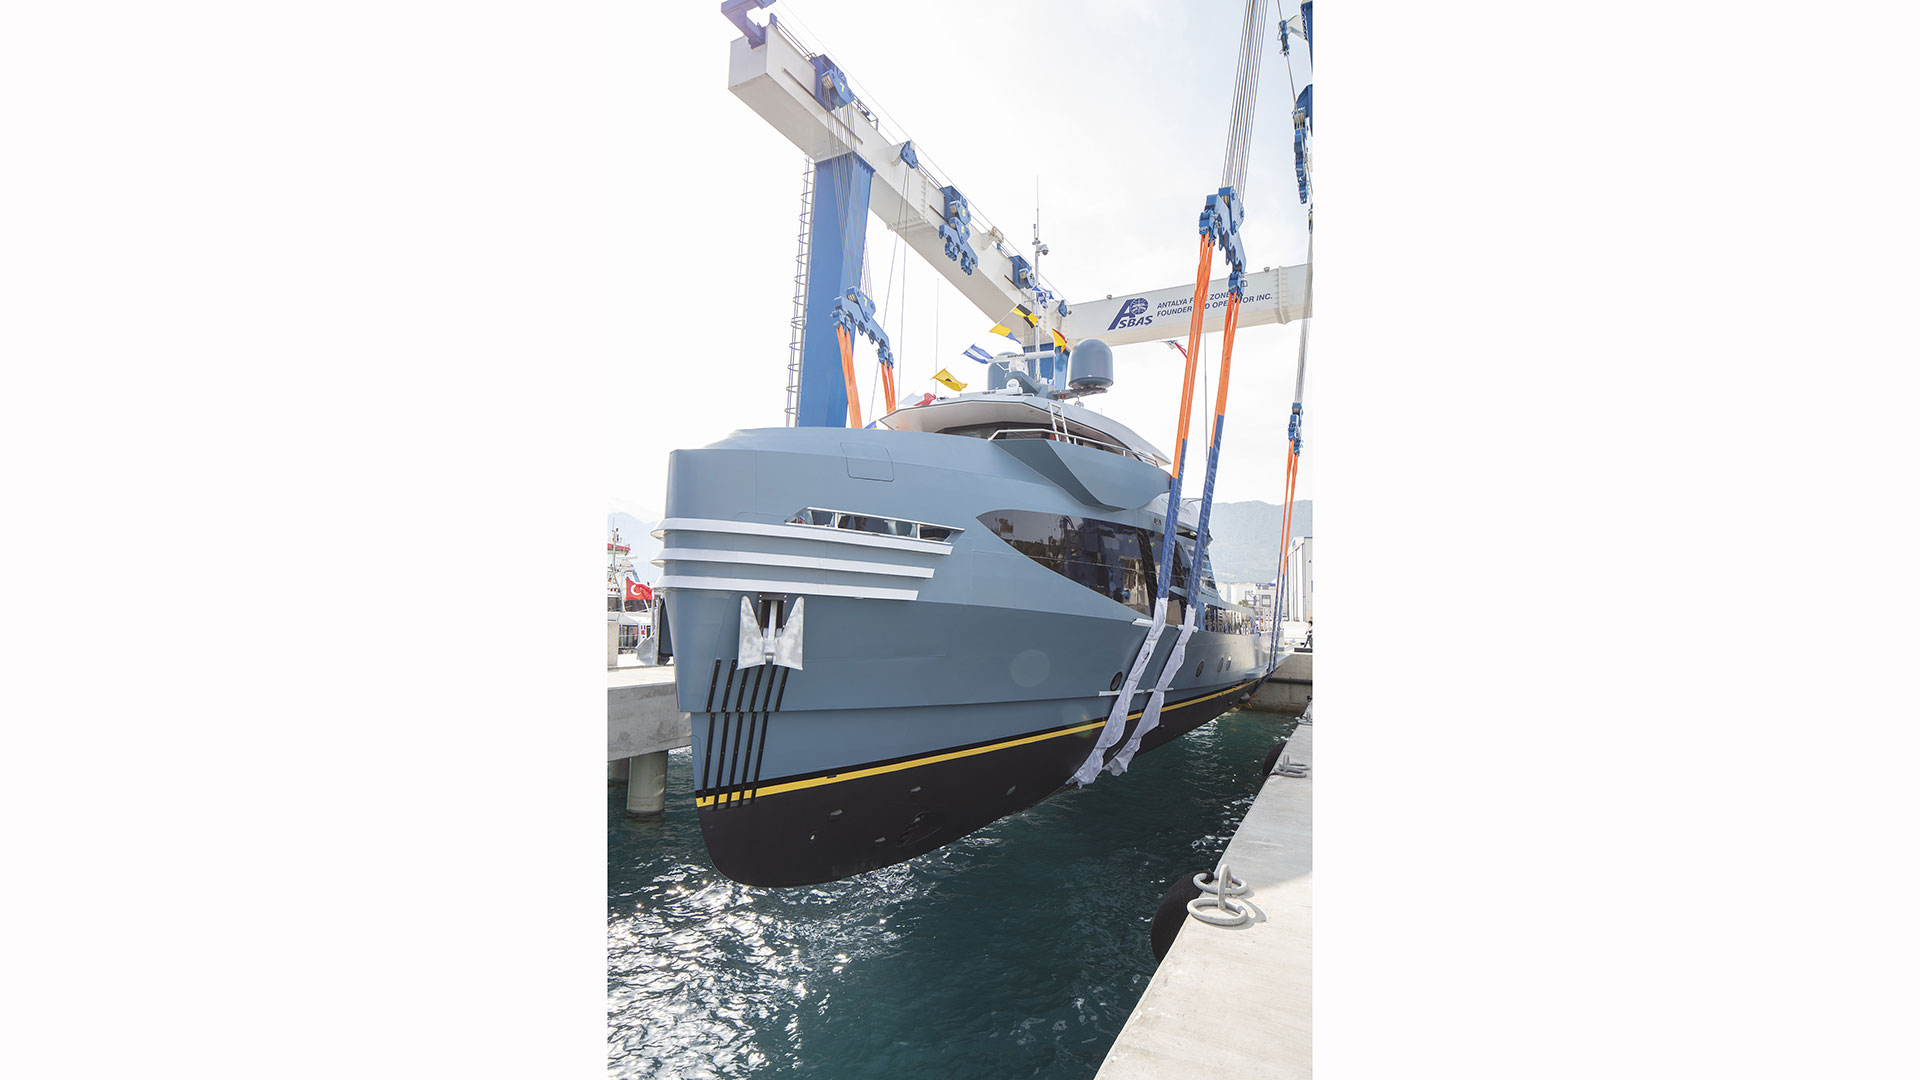 alia-yachts-phi-phantom